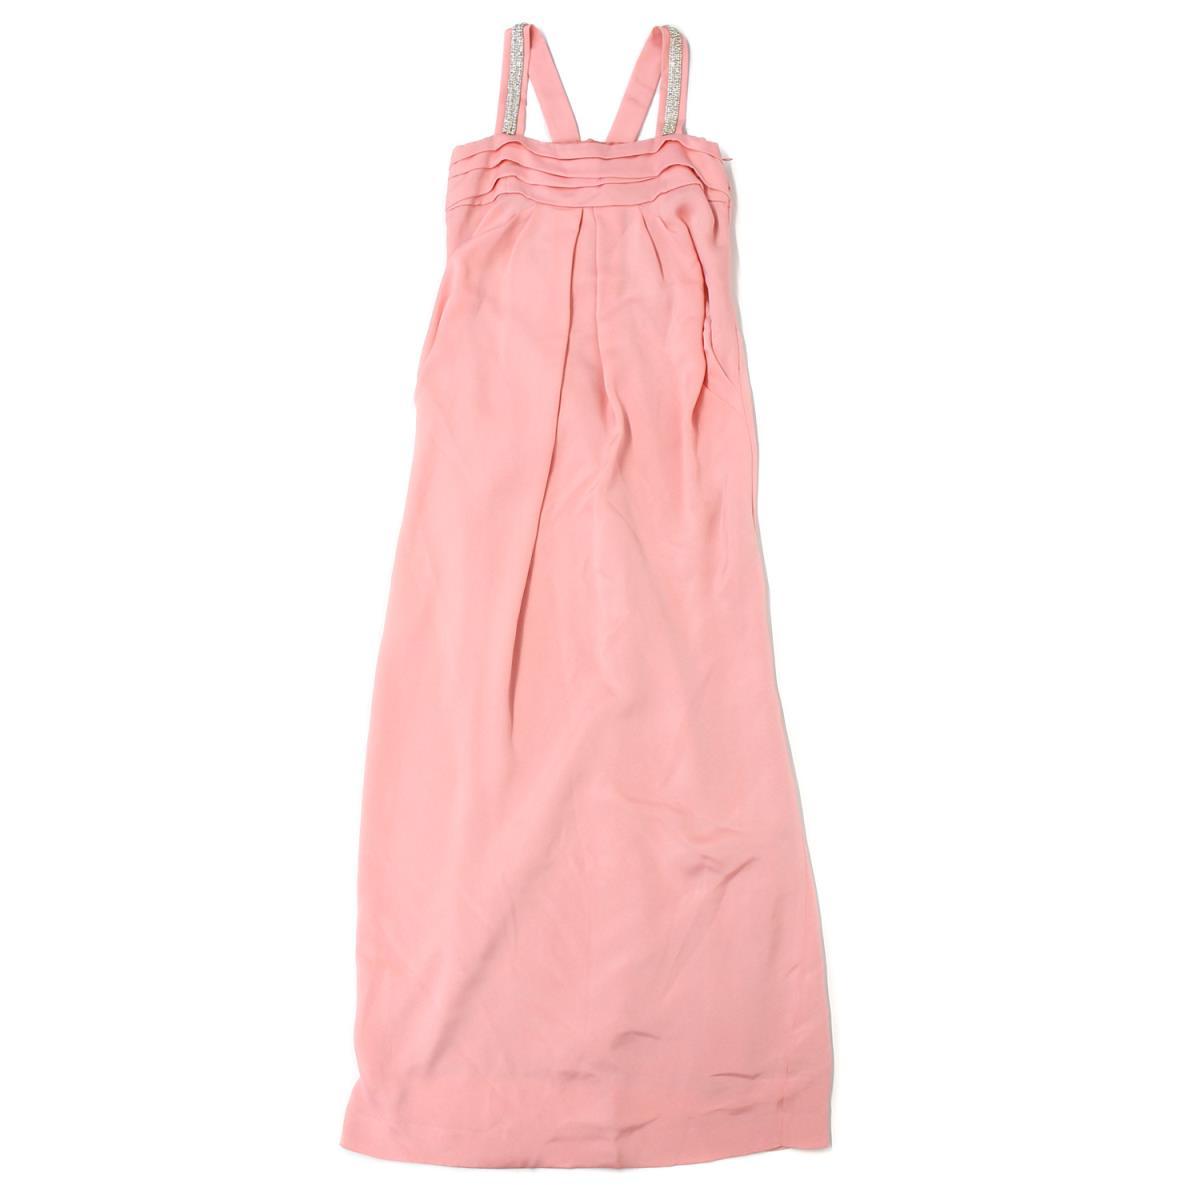 GRACE CLASS(グレースクラス) ビジュー バックリボンロングドレス ワンピース ピンク 36(S) 【レディース】【K2043】【中古】